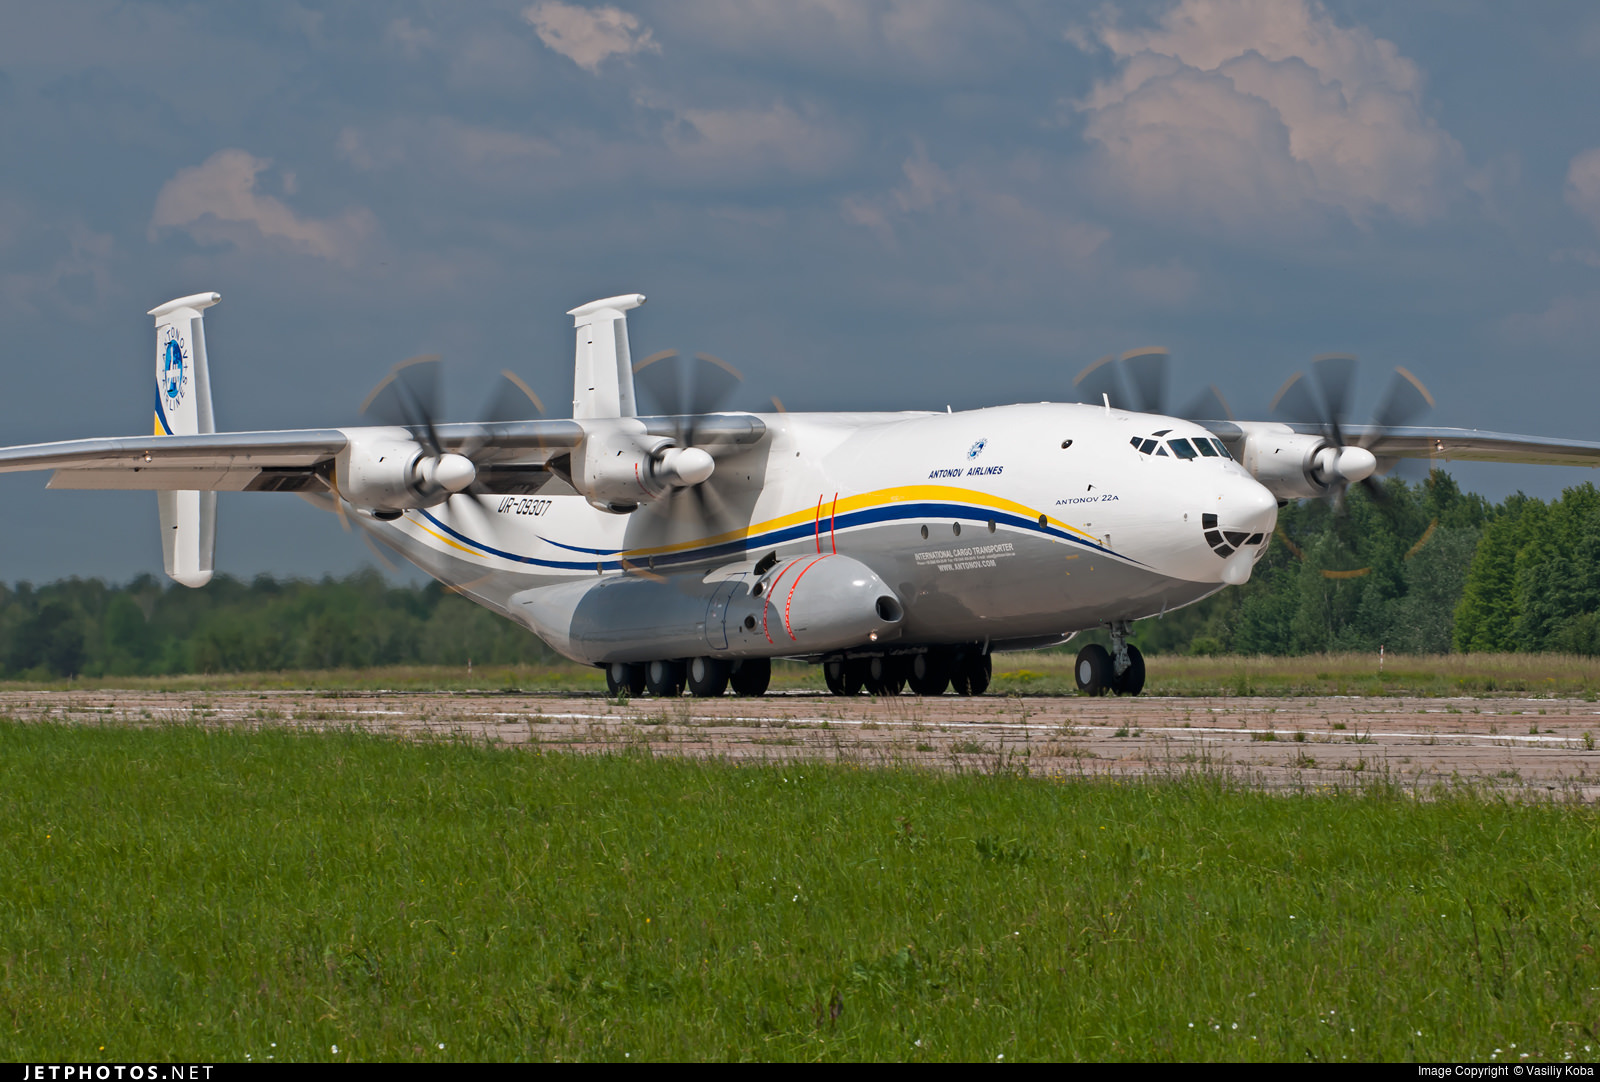 The Antonov An-22